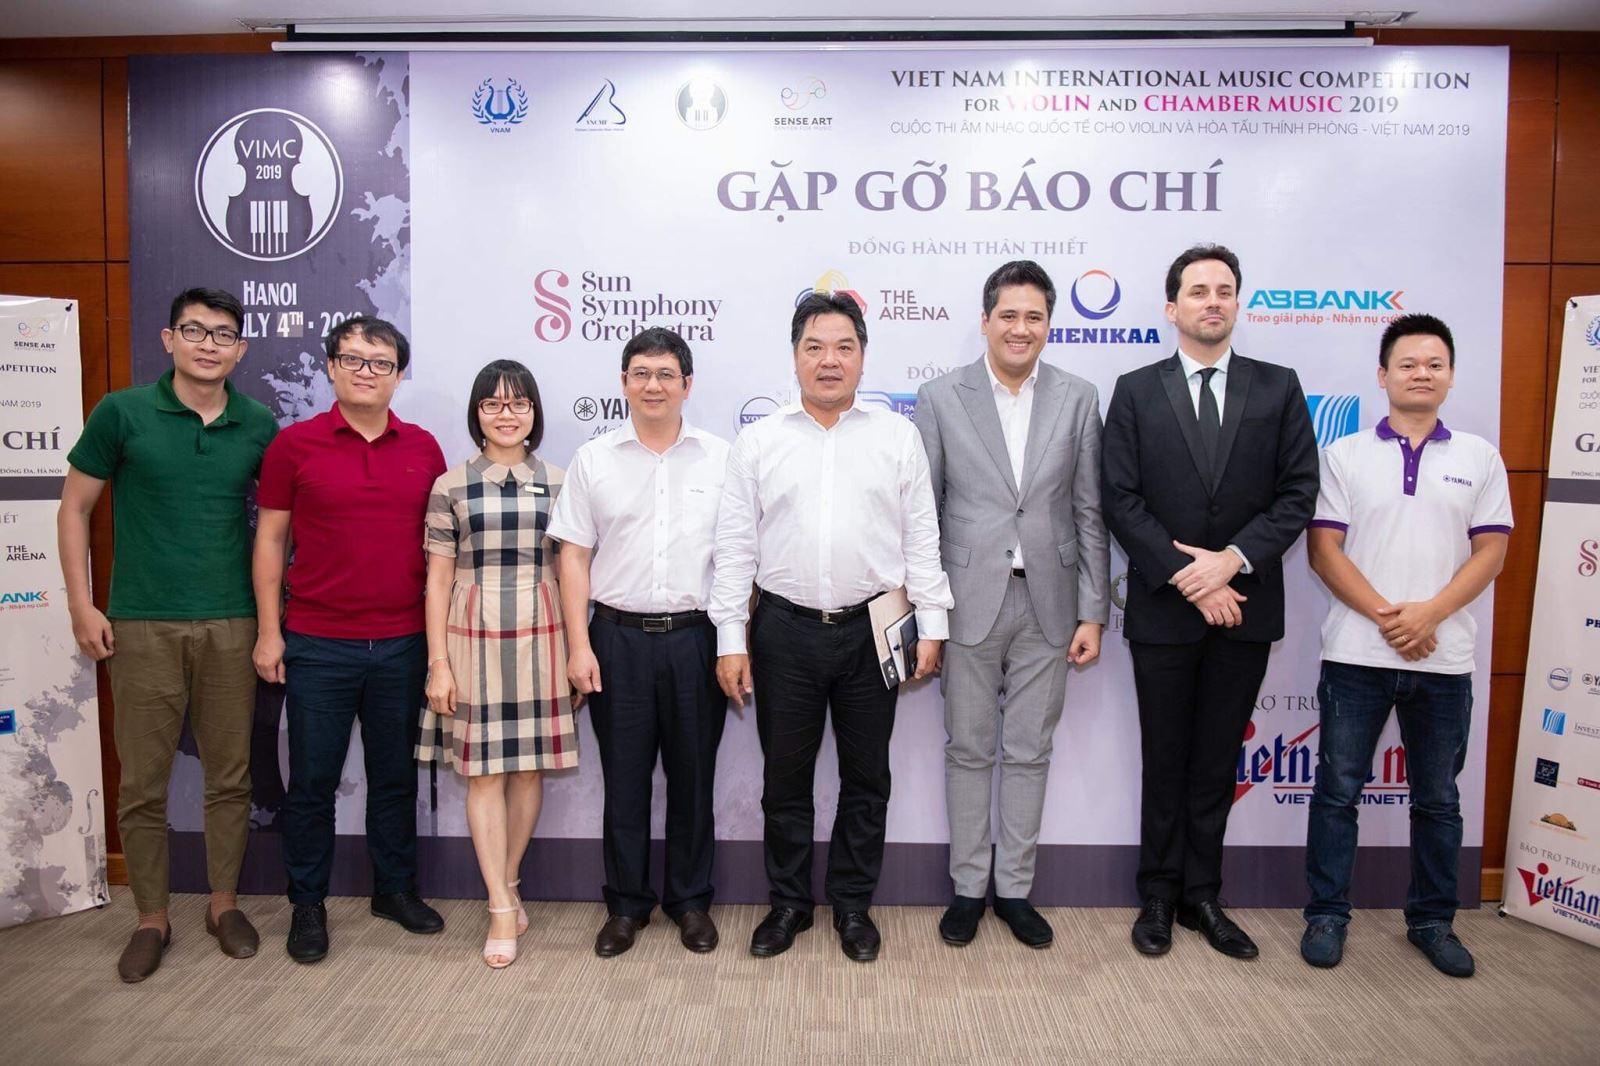 Российский скрипач завоевал третье место на Международном конкурсе во Вьетнаме